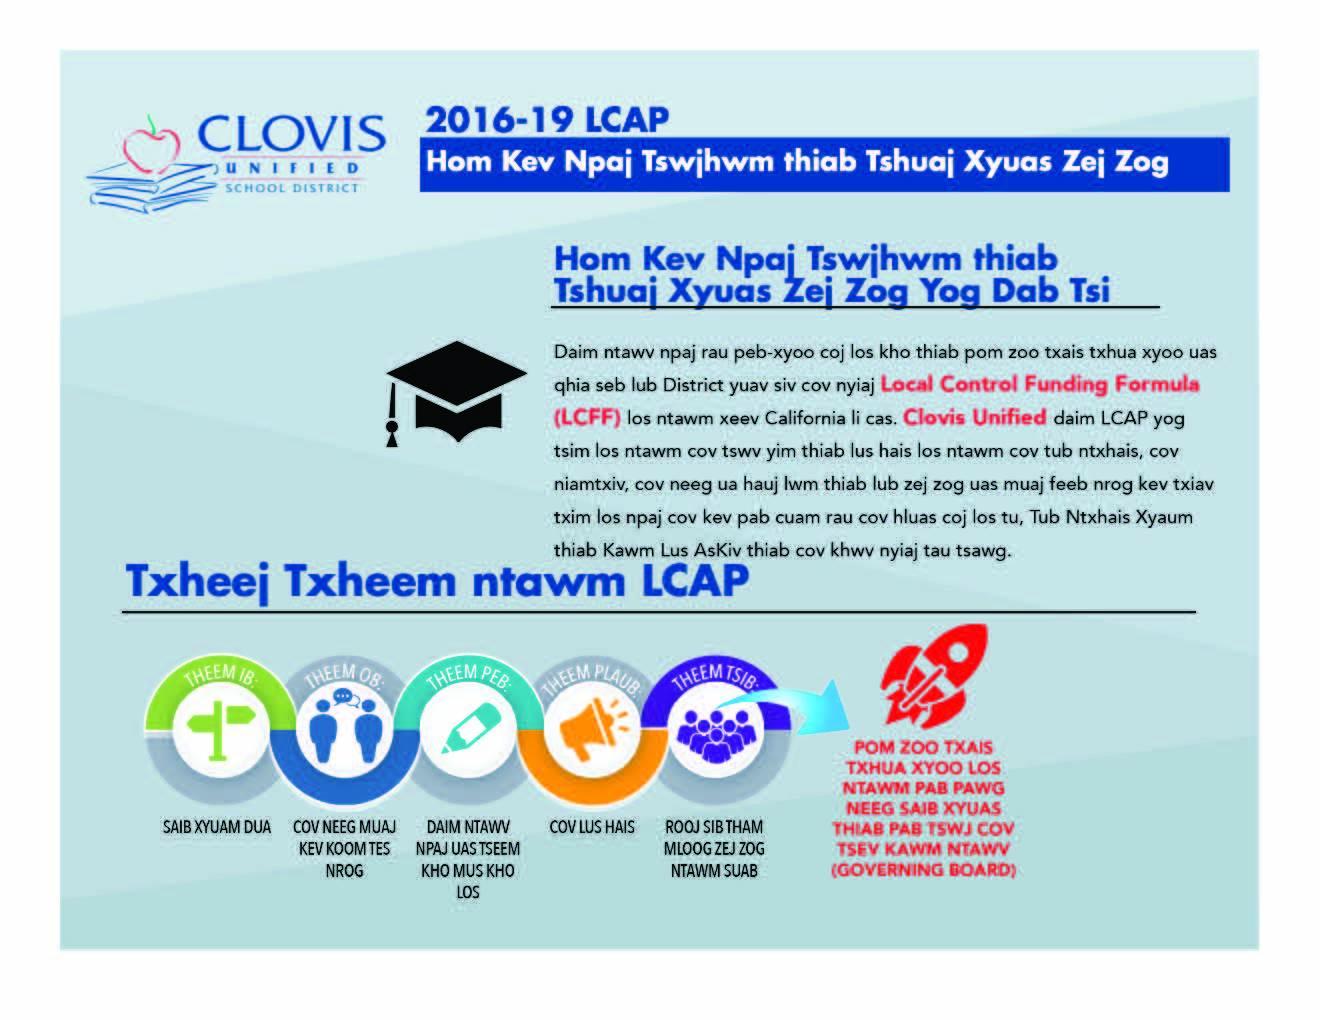 LCAP Hmong Infogrpahic